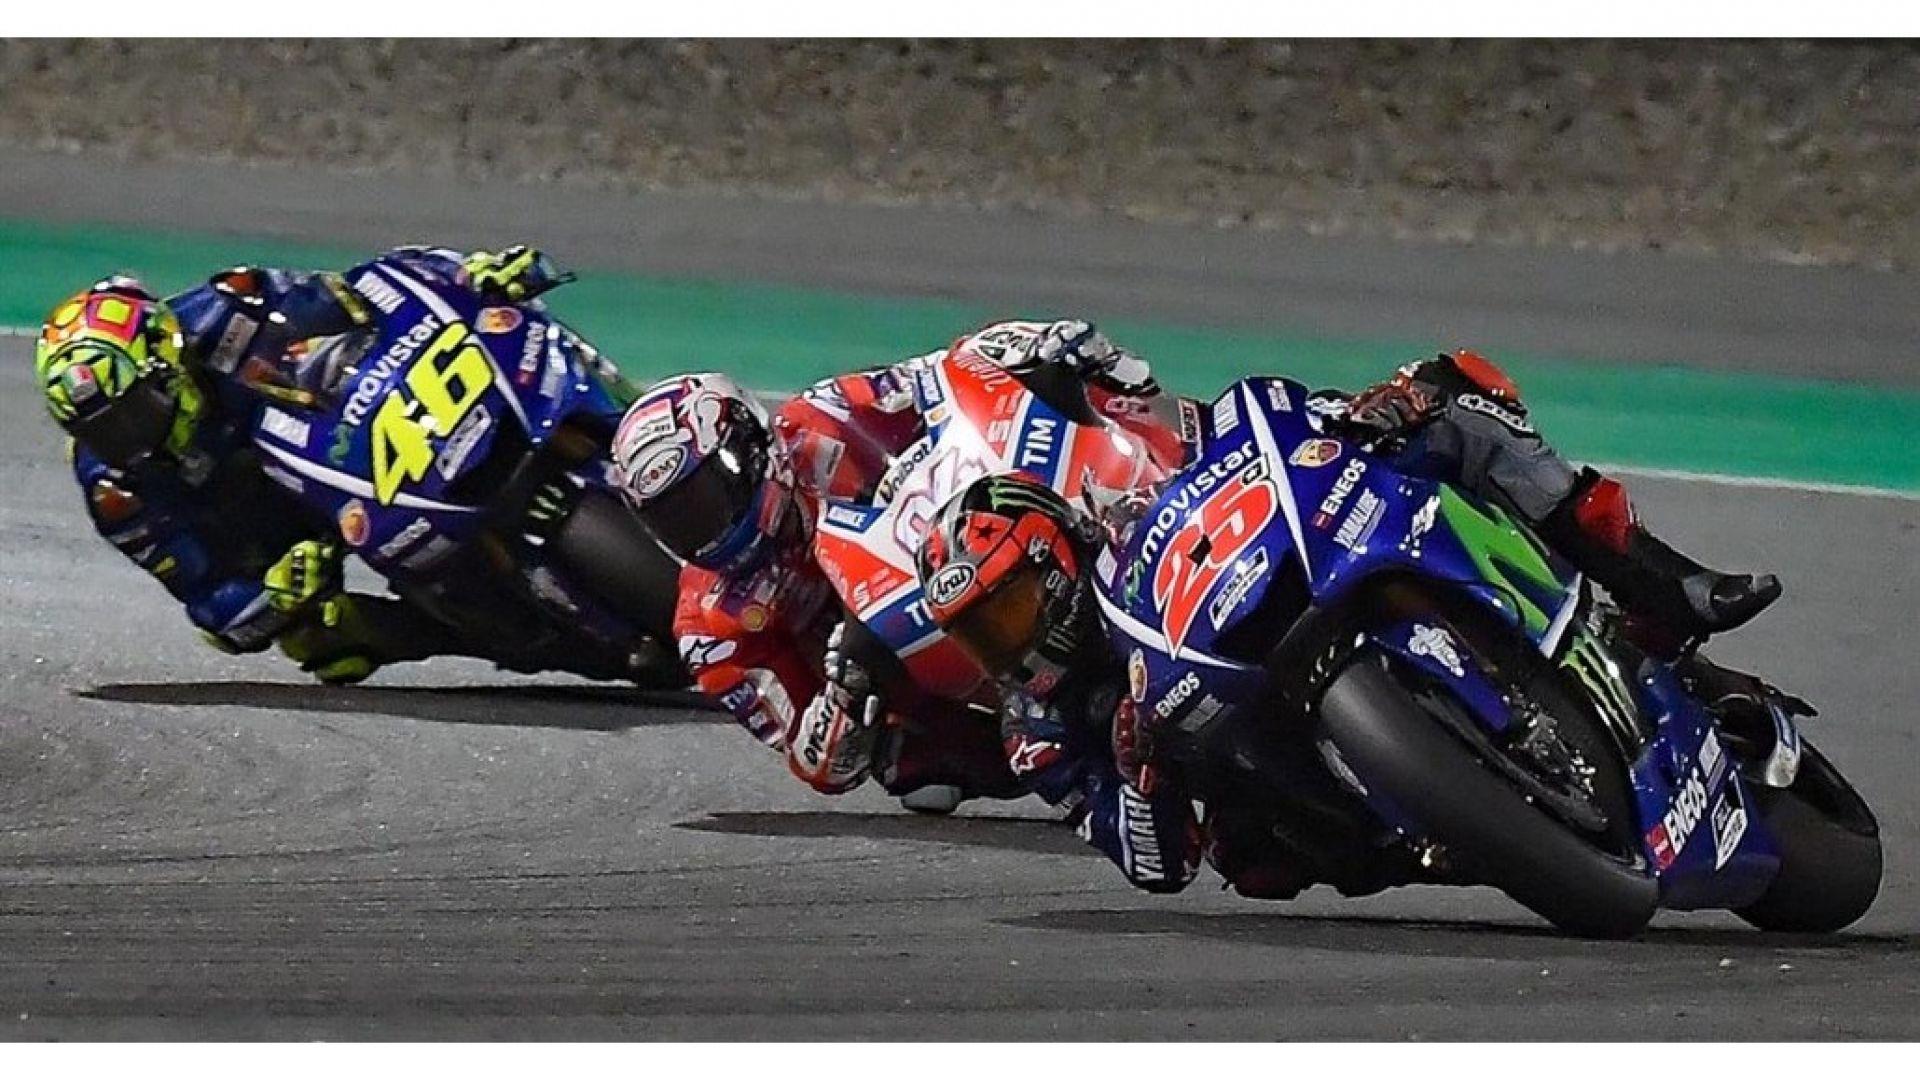 MotoGP 2017: Dovizioso e Ducati puntano in alto nel prossimo GP d'Argentina - MotorBox